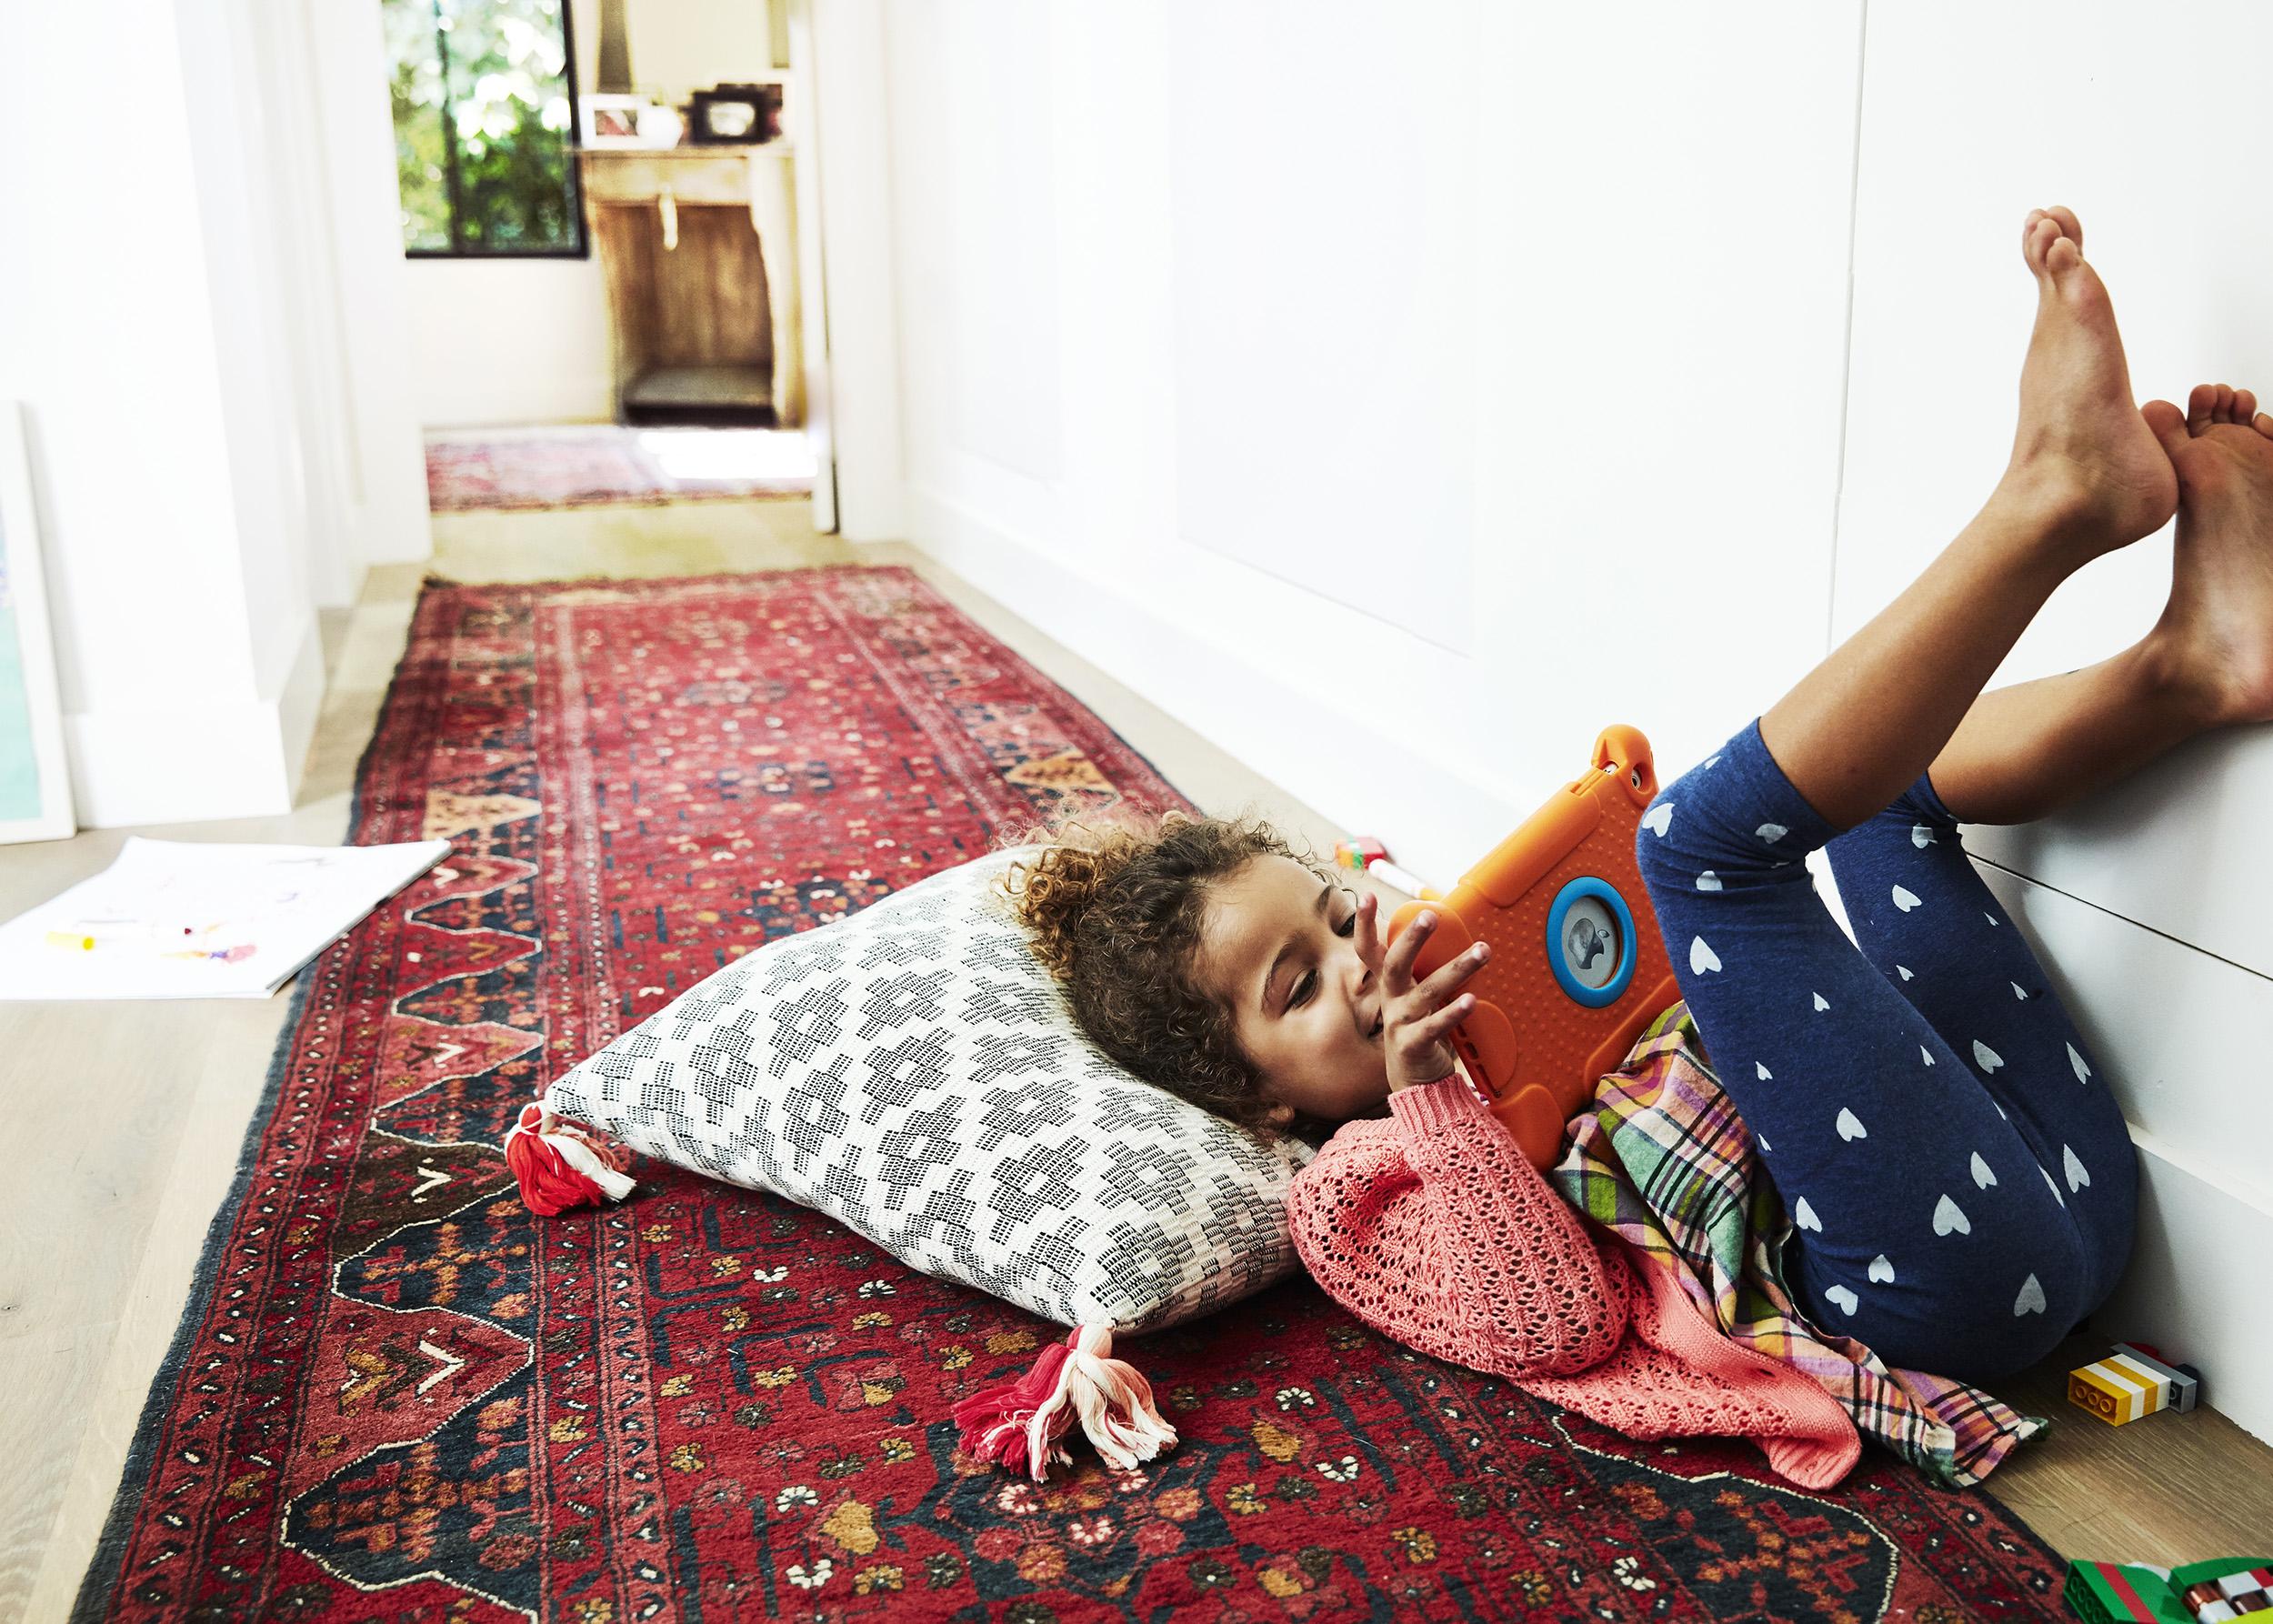 Play_Space_Mom_Kids_0820_V1_final_crop.jpg